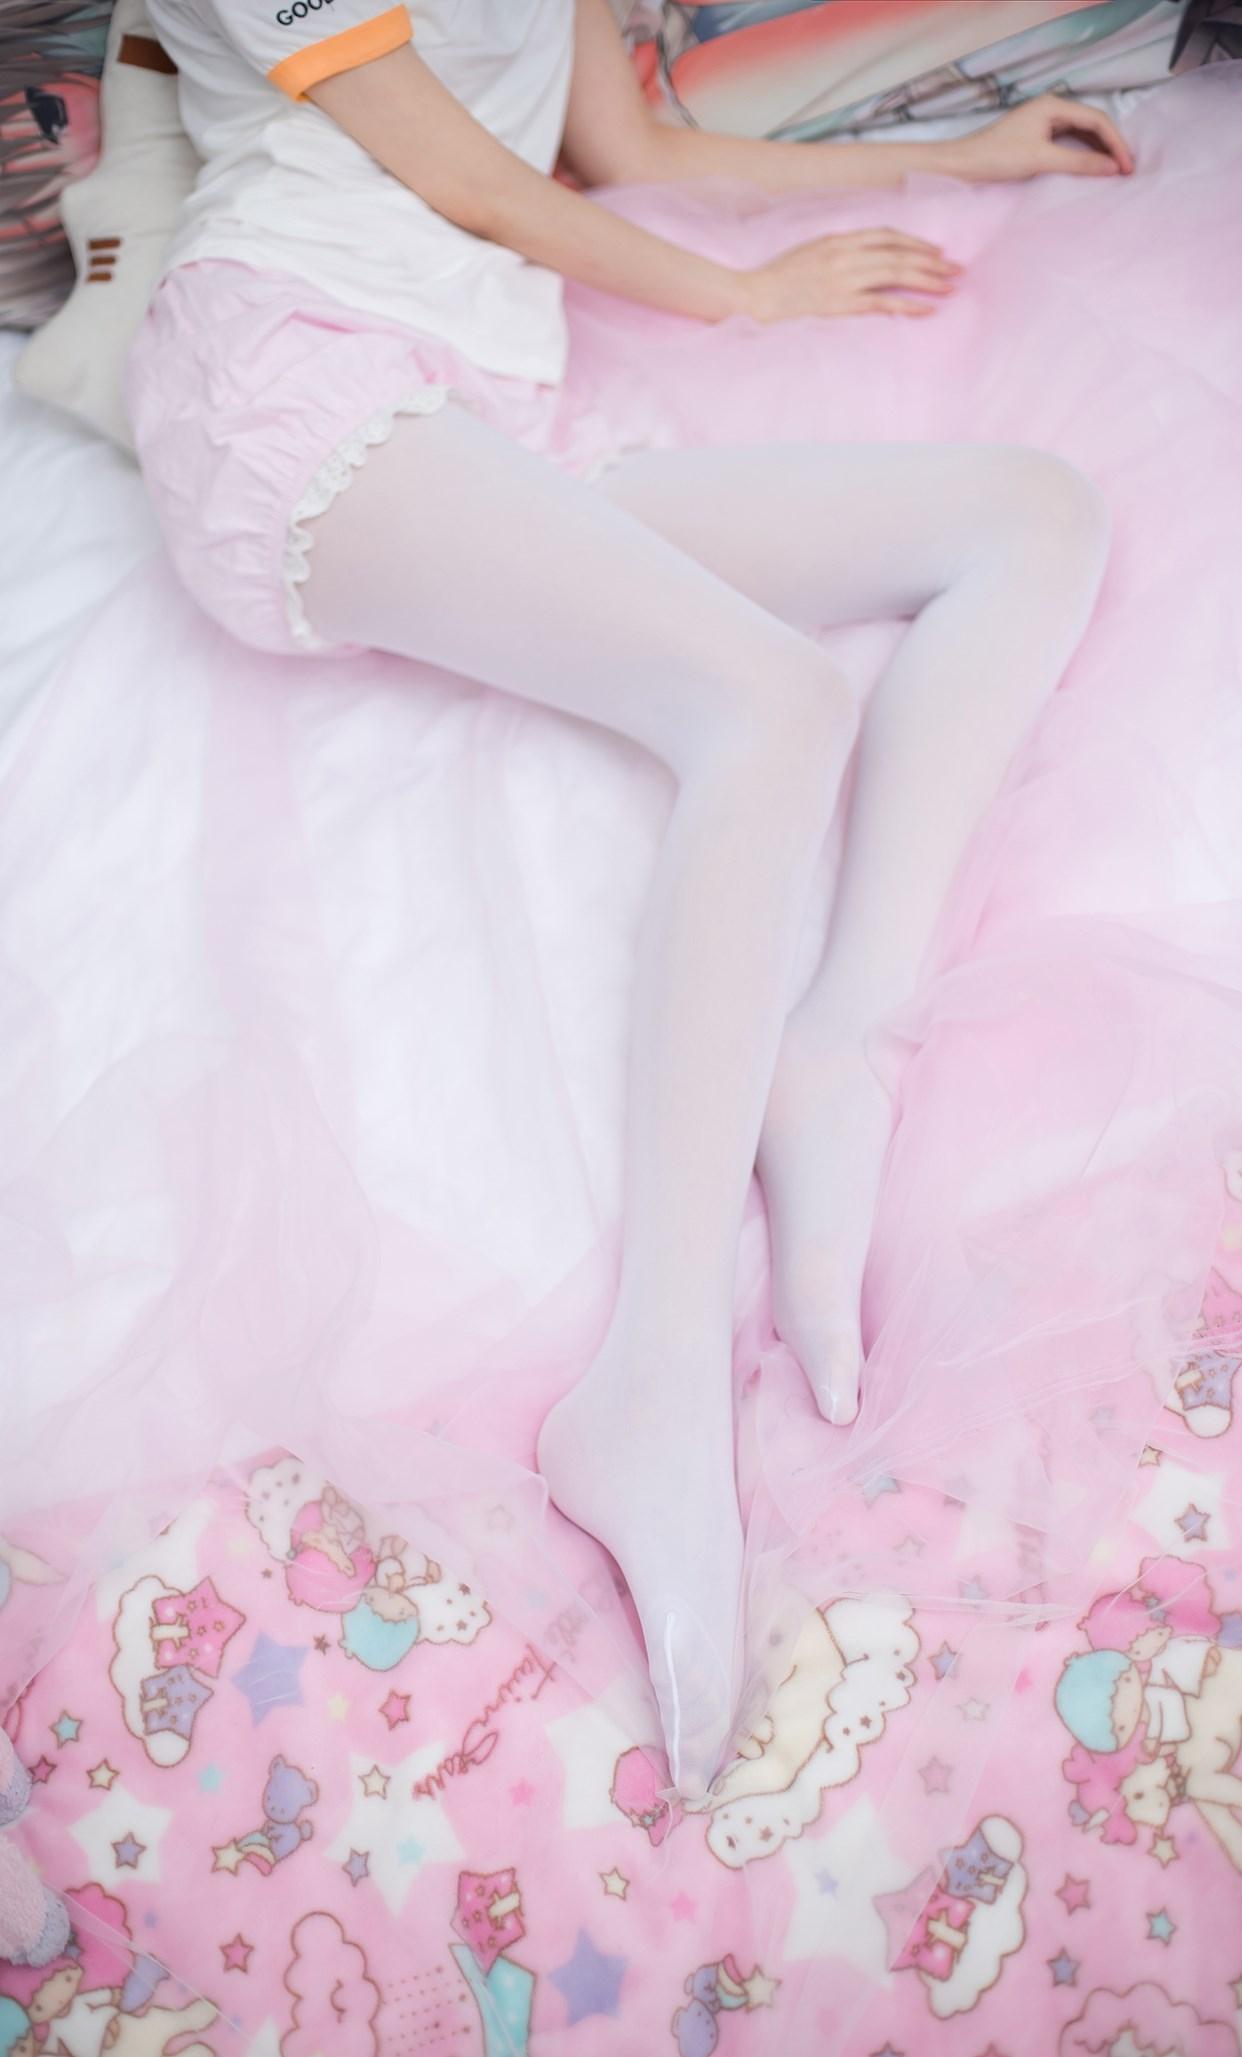 【兔玩映画】少女的卧室 兔玩映画 第6张